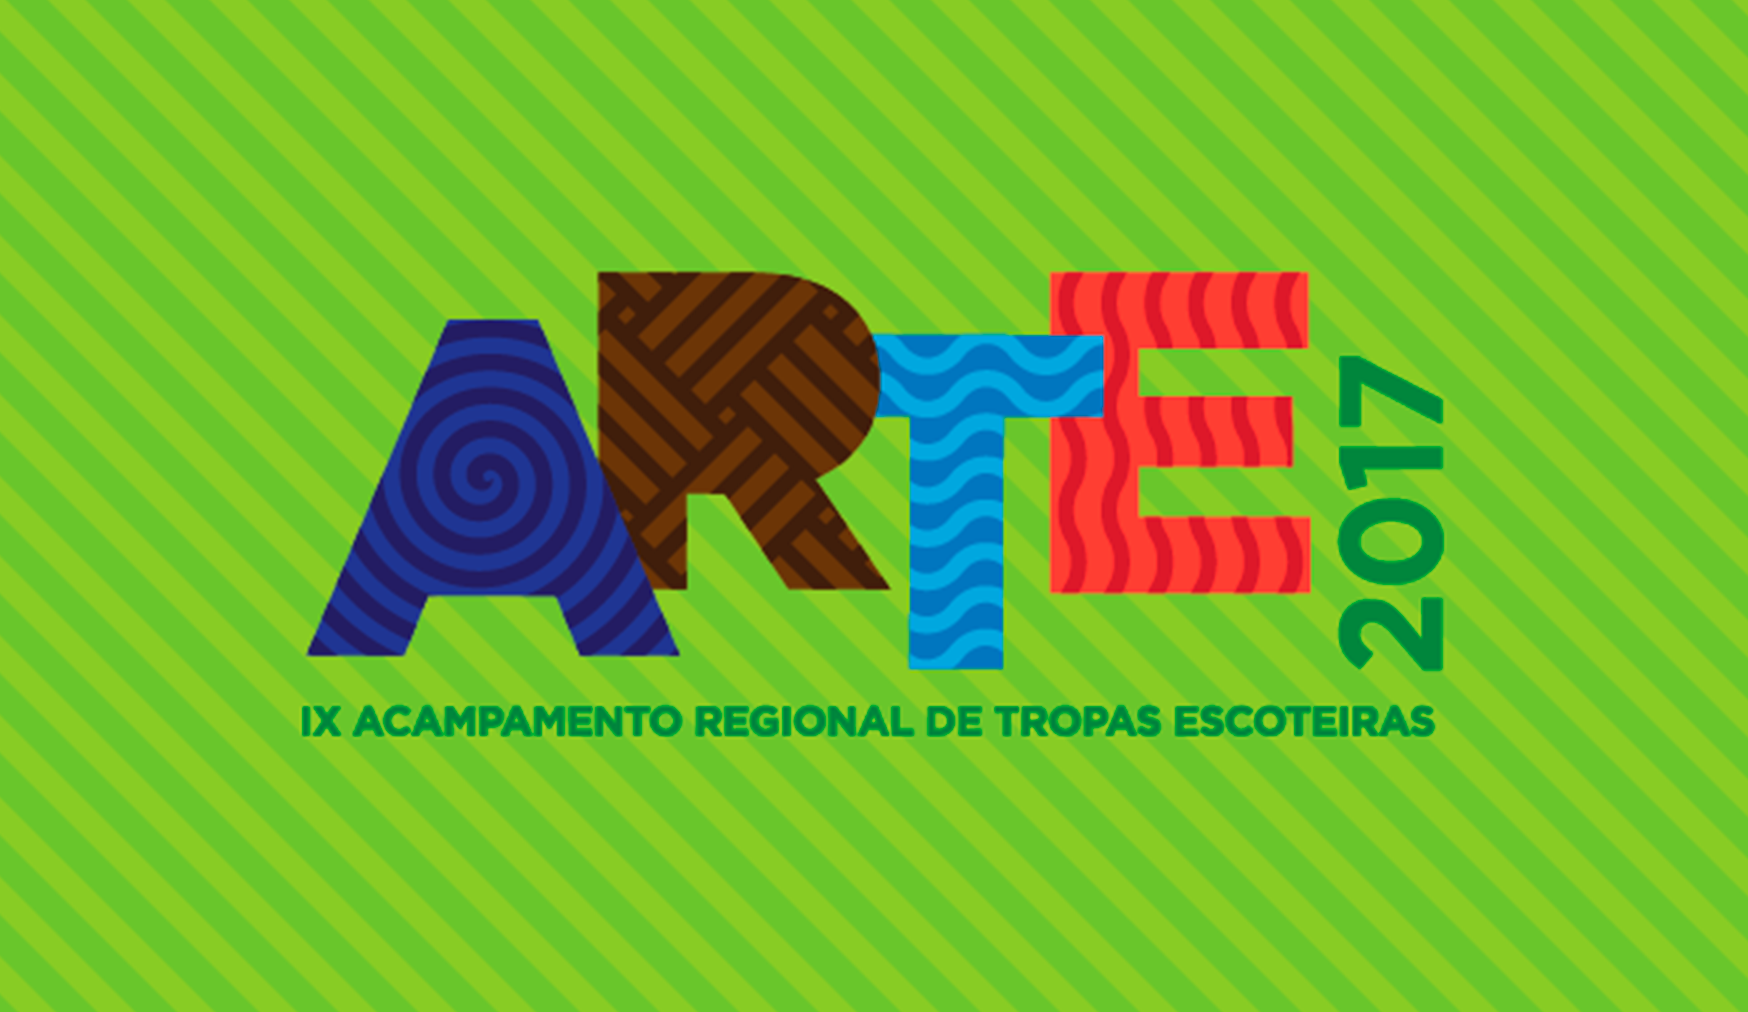 Acampamento Regional de Tropas Escoteiras (ARTE)